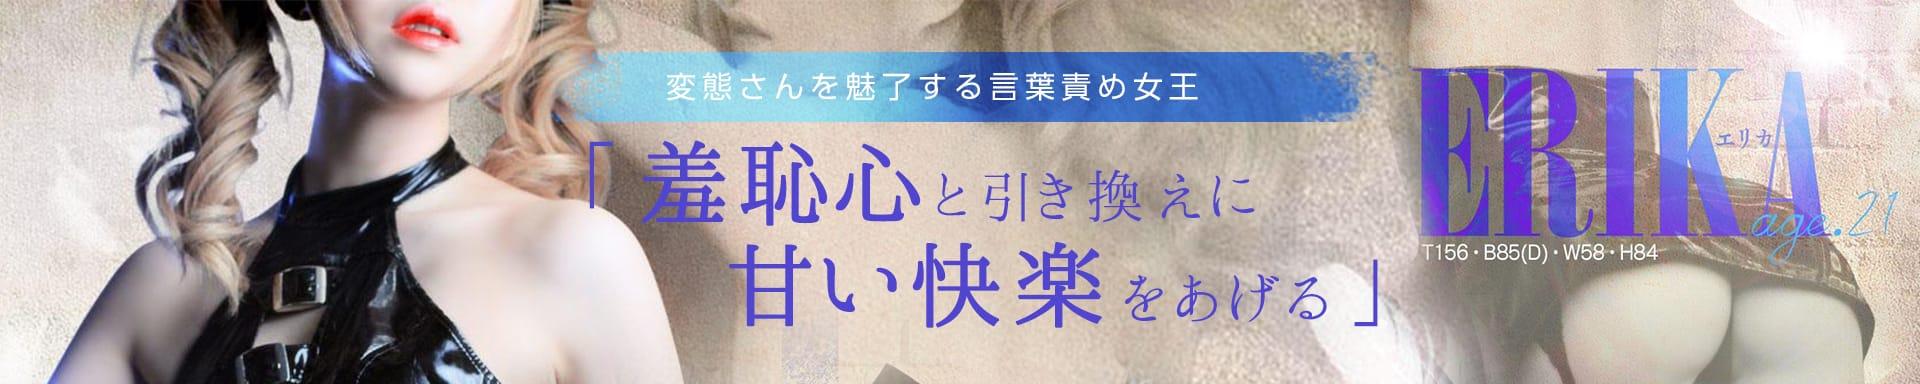 仙台M性感マッサージ エデン その3